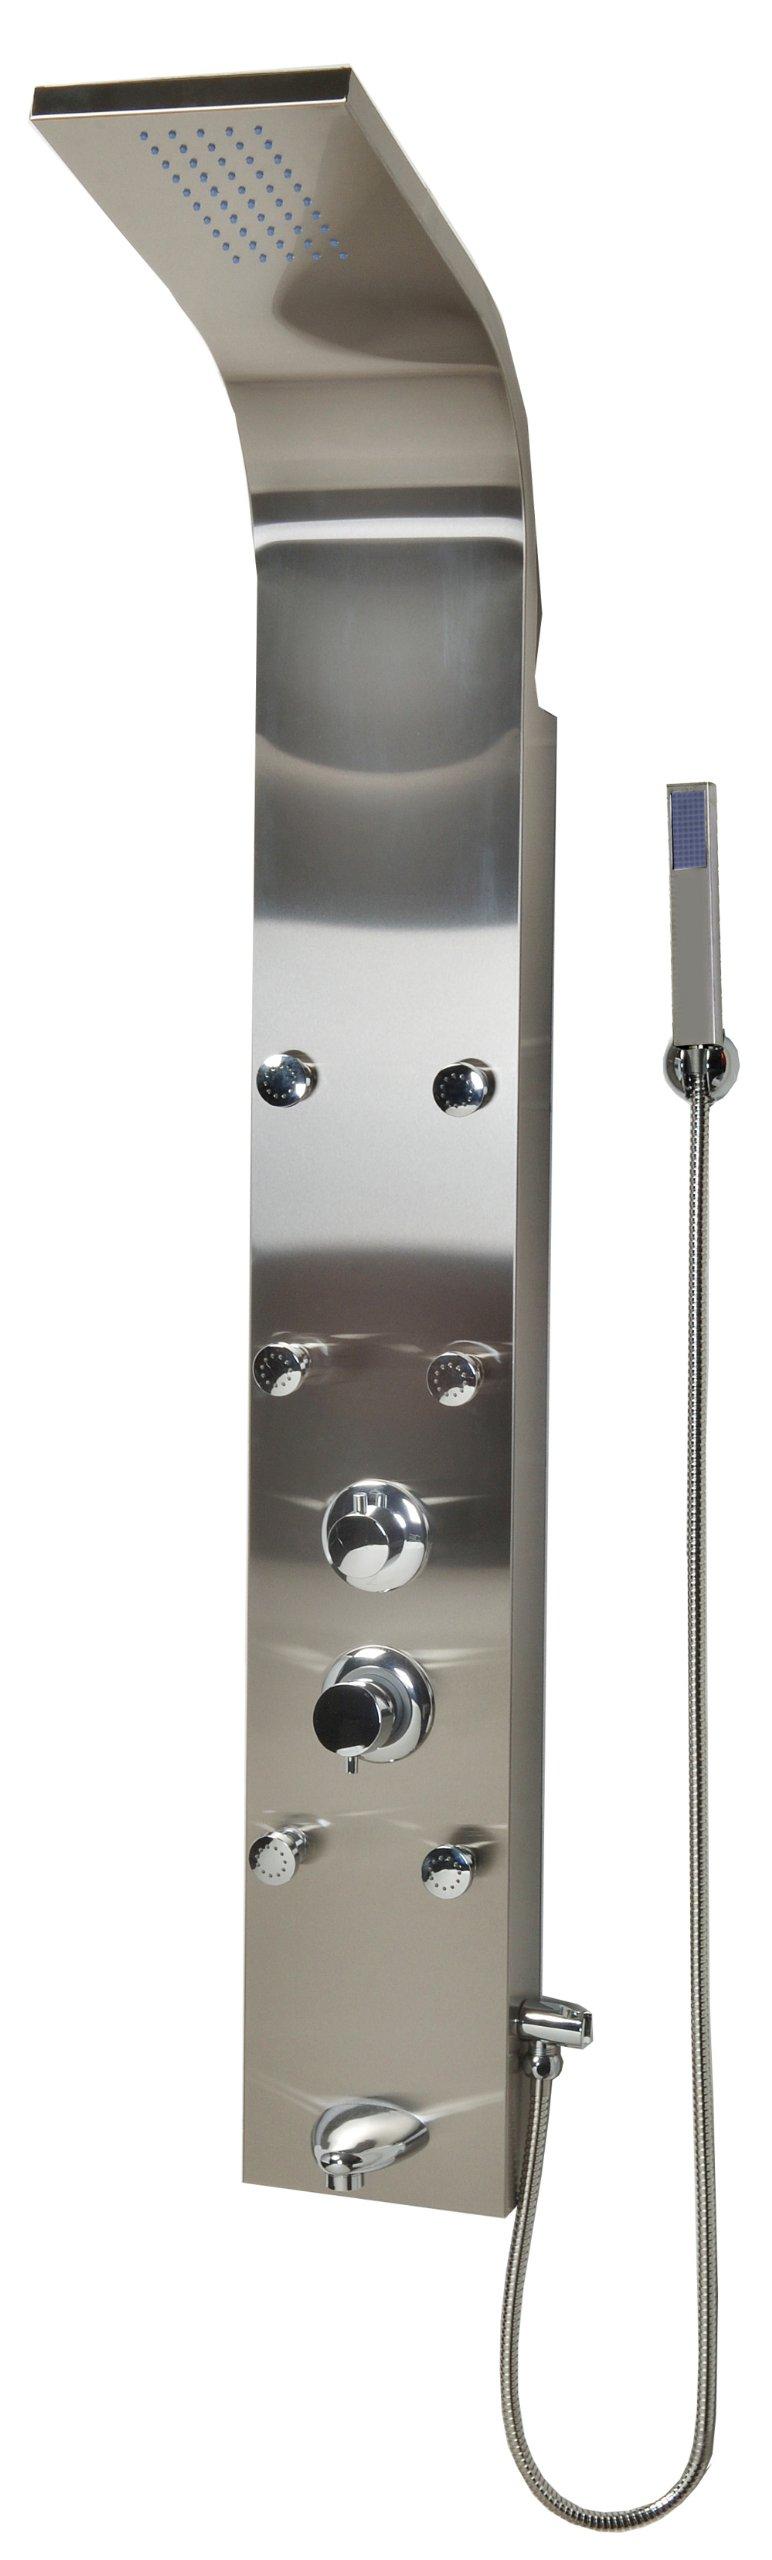 EISL ORSP-YMSV – Juego de grifería para bañera y ducha